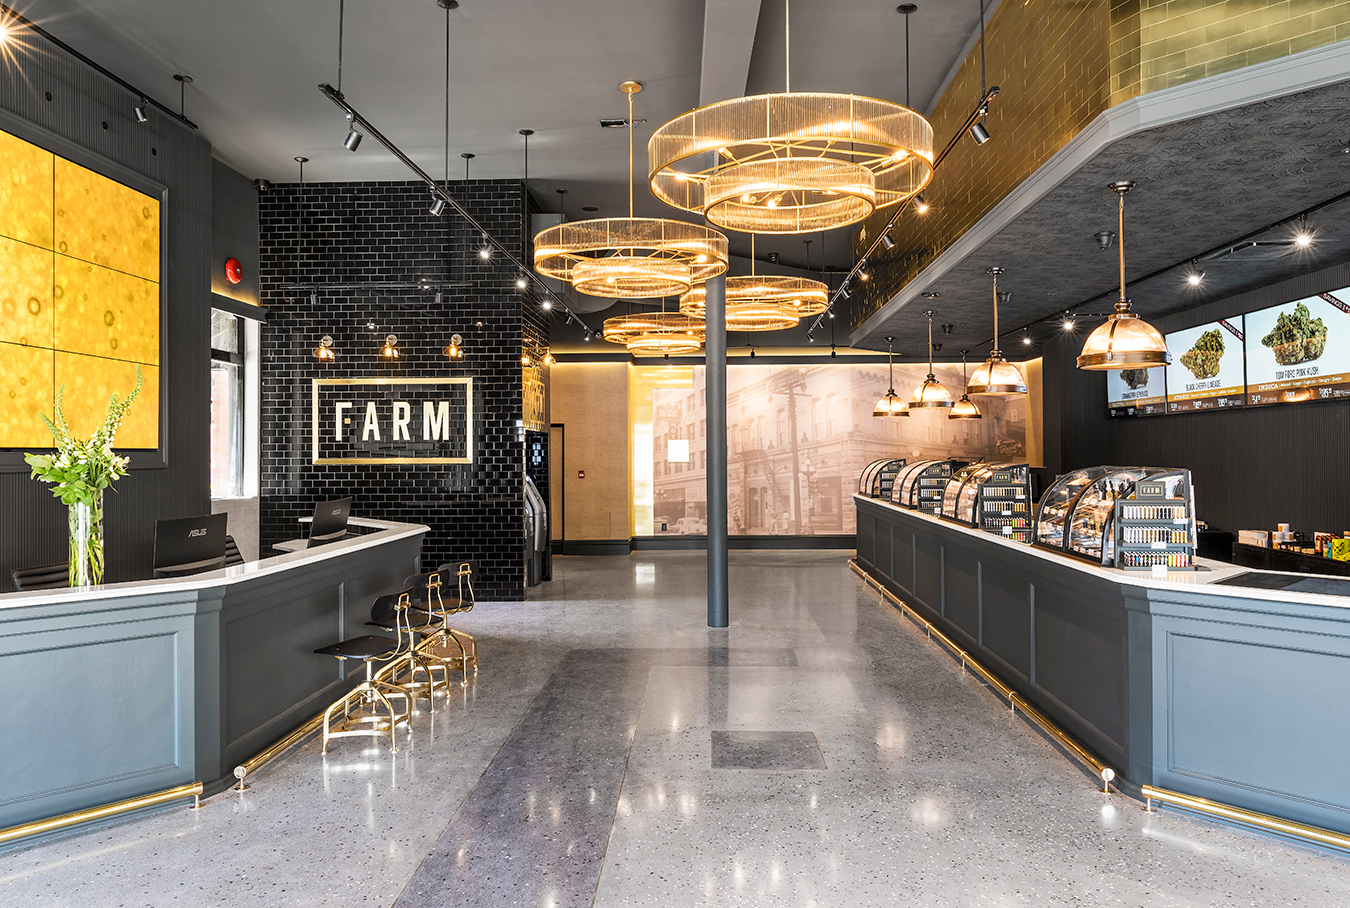 Farm – Downtown